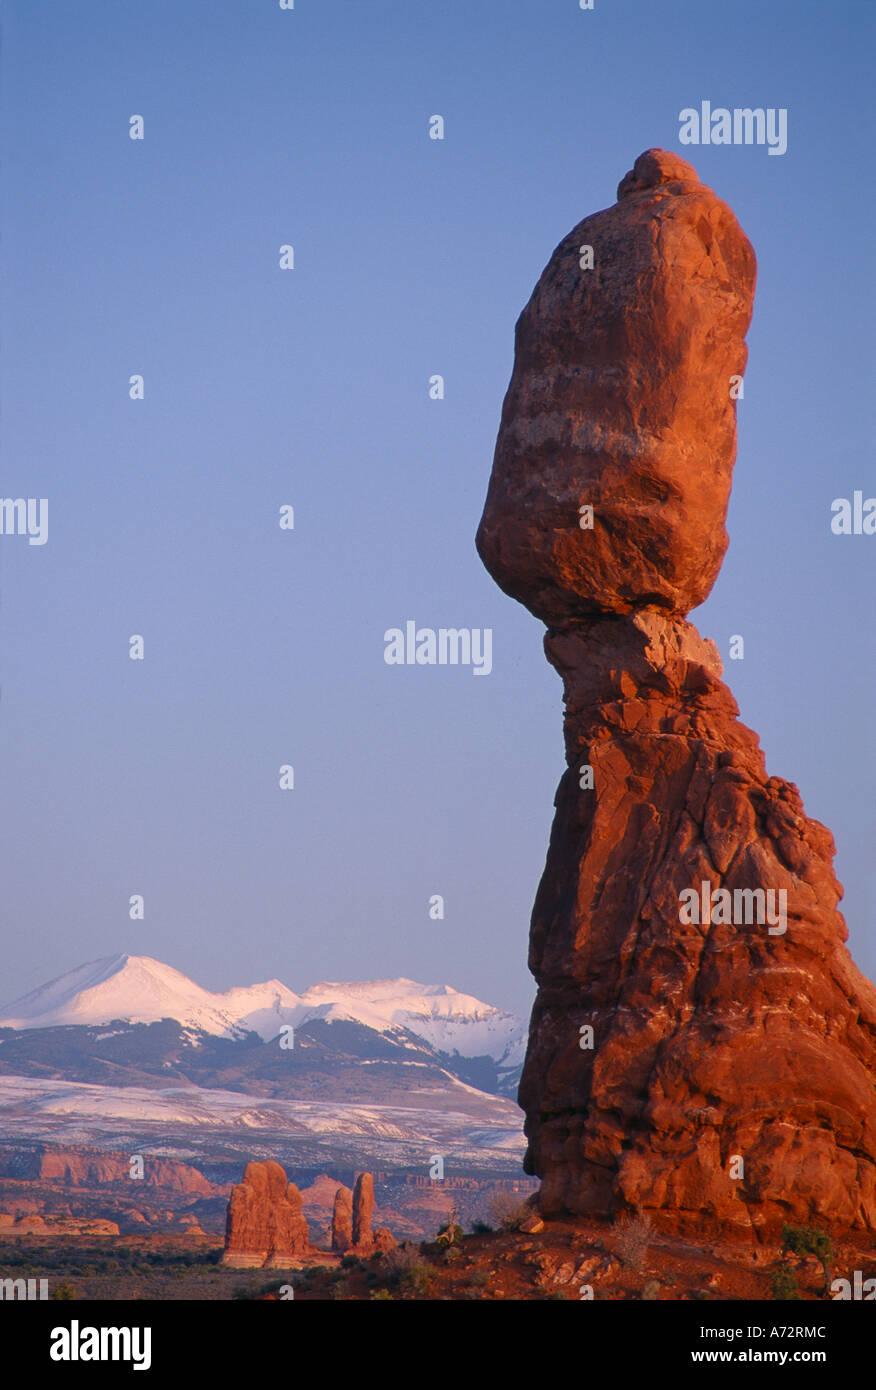 Equilibrato Rock Arches National Park nello Utah Stati Uniti d'America Immagini Stock